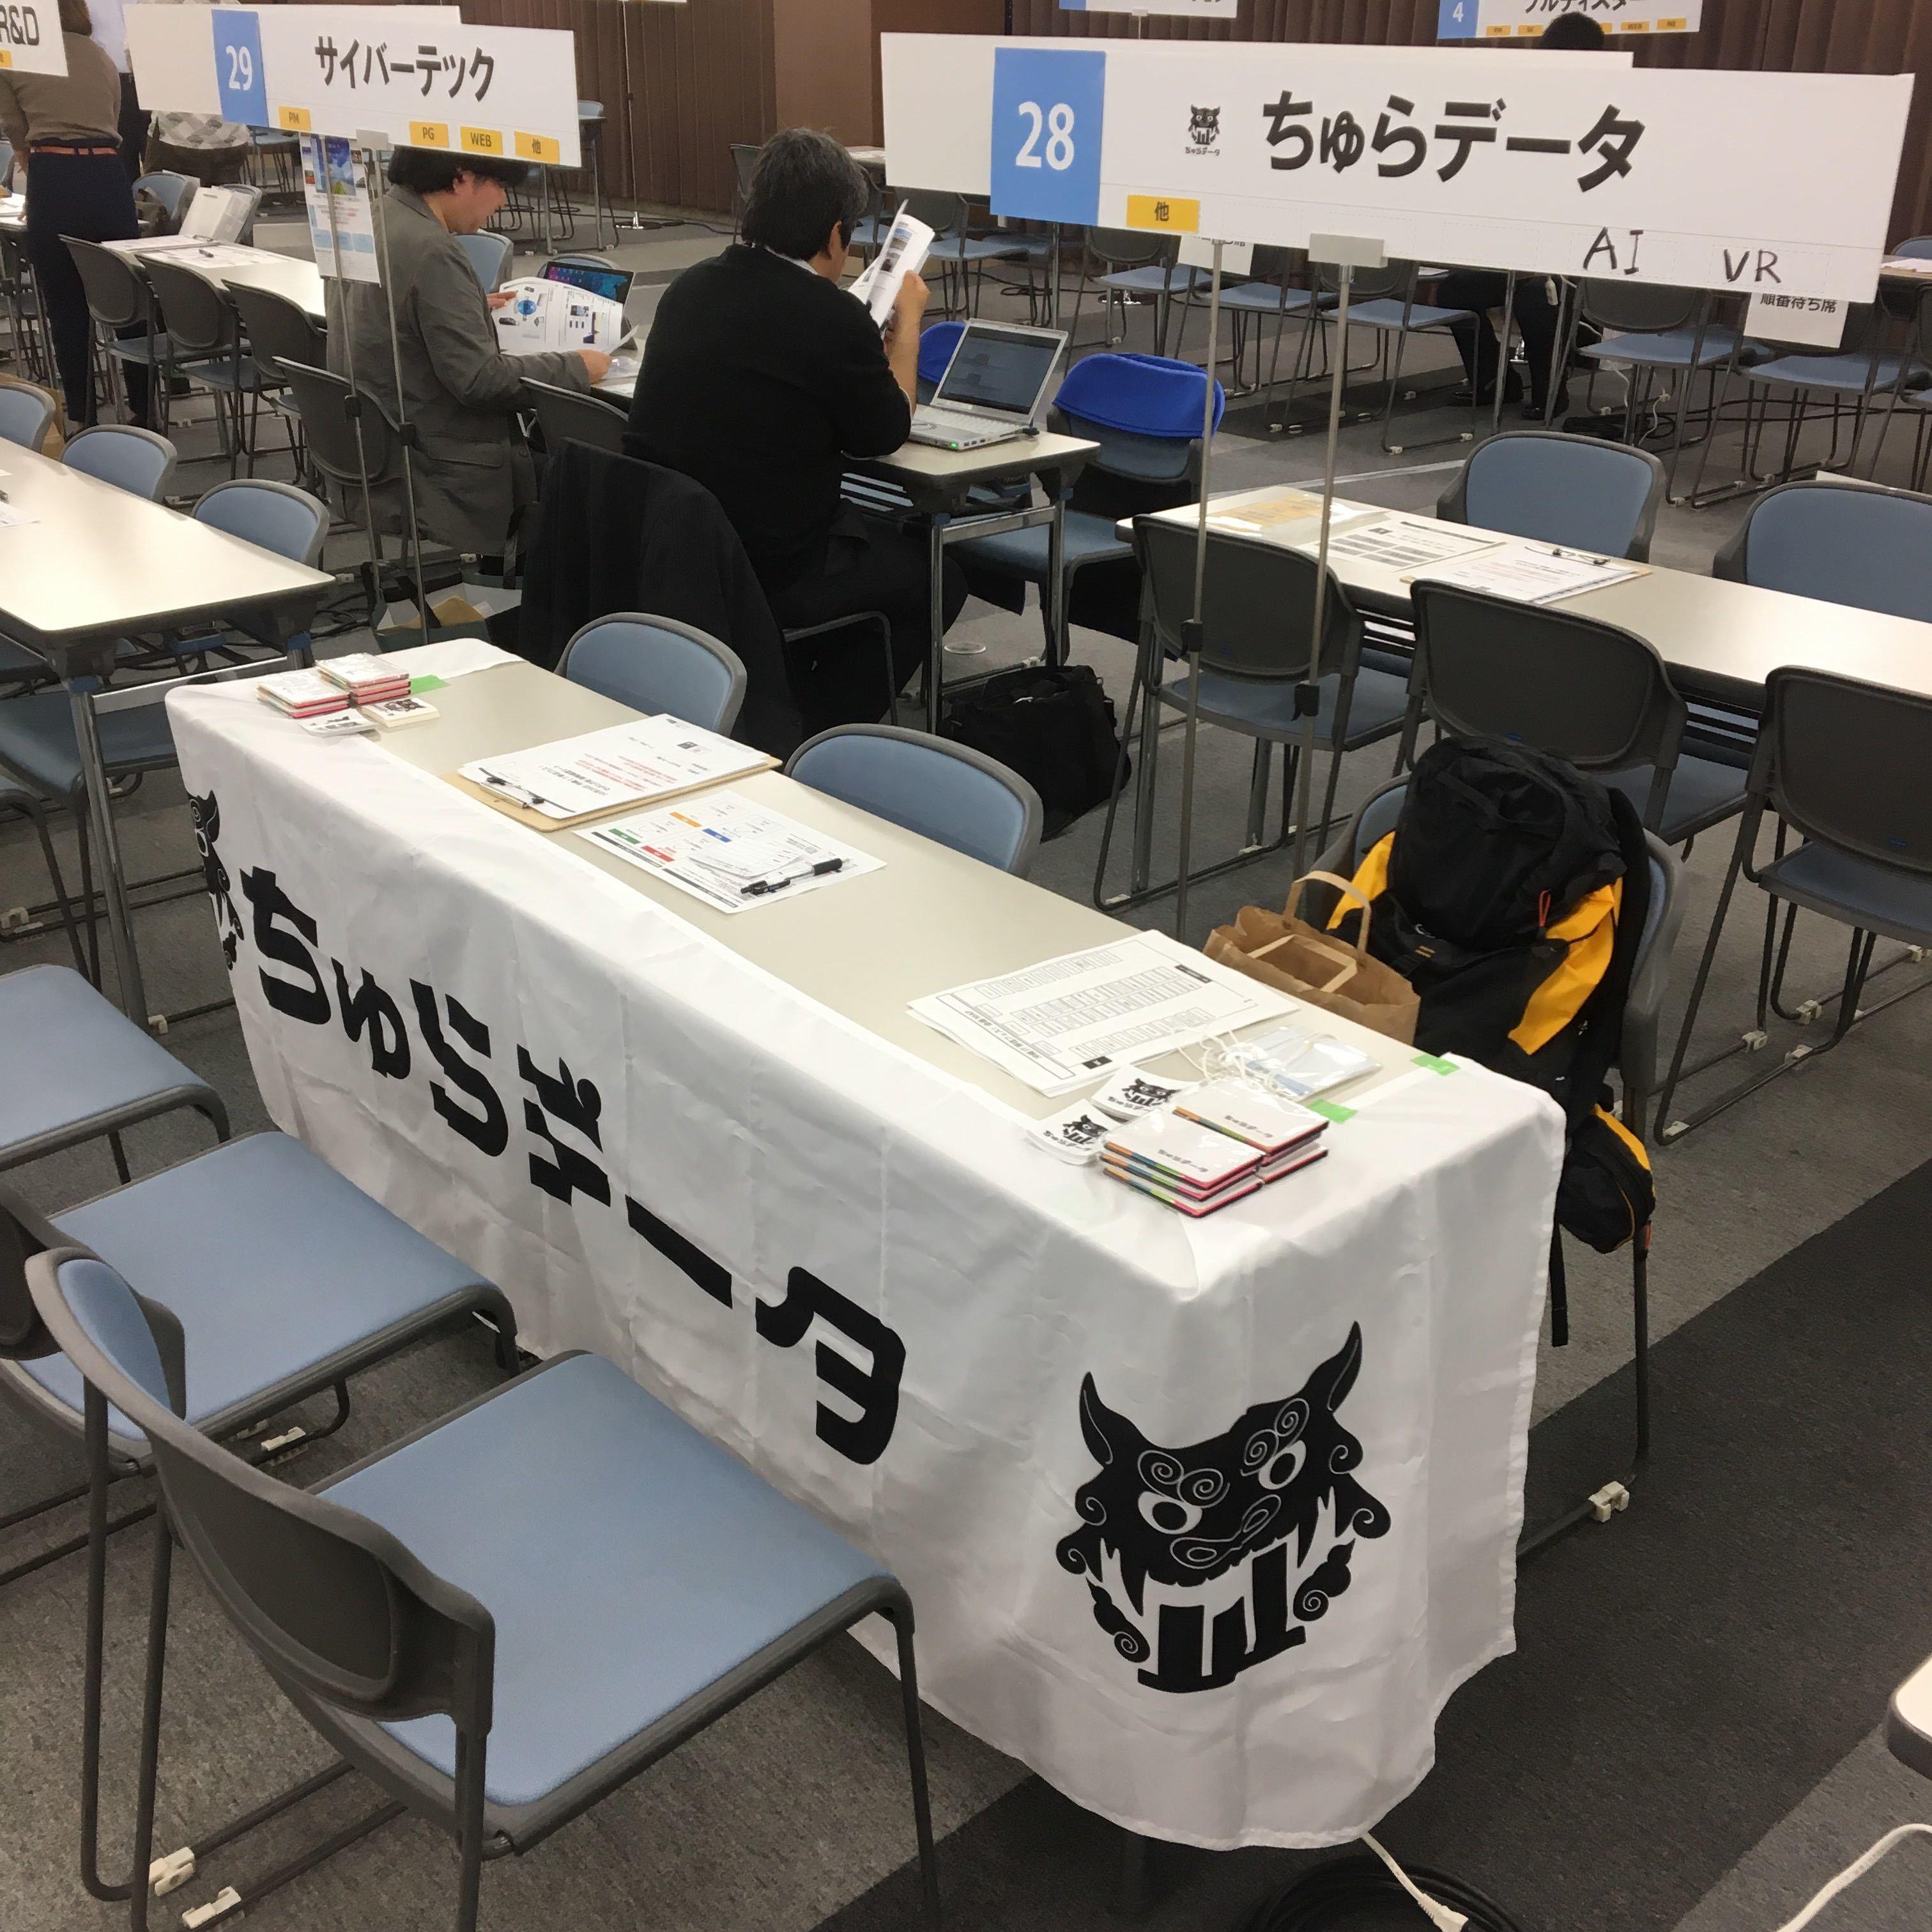 「沖縄 IT 移住フェス!@東京 渋谷」に出展しました